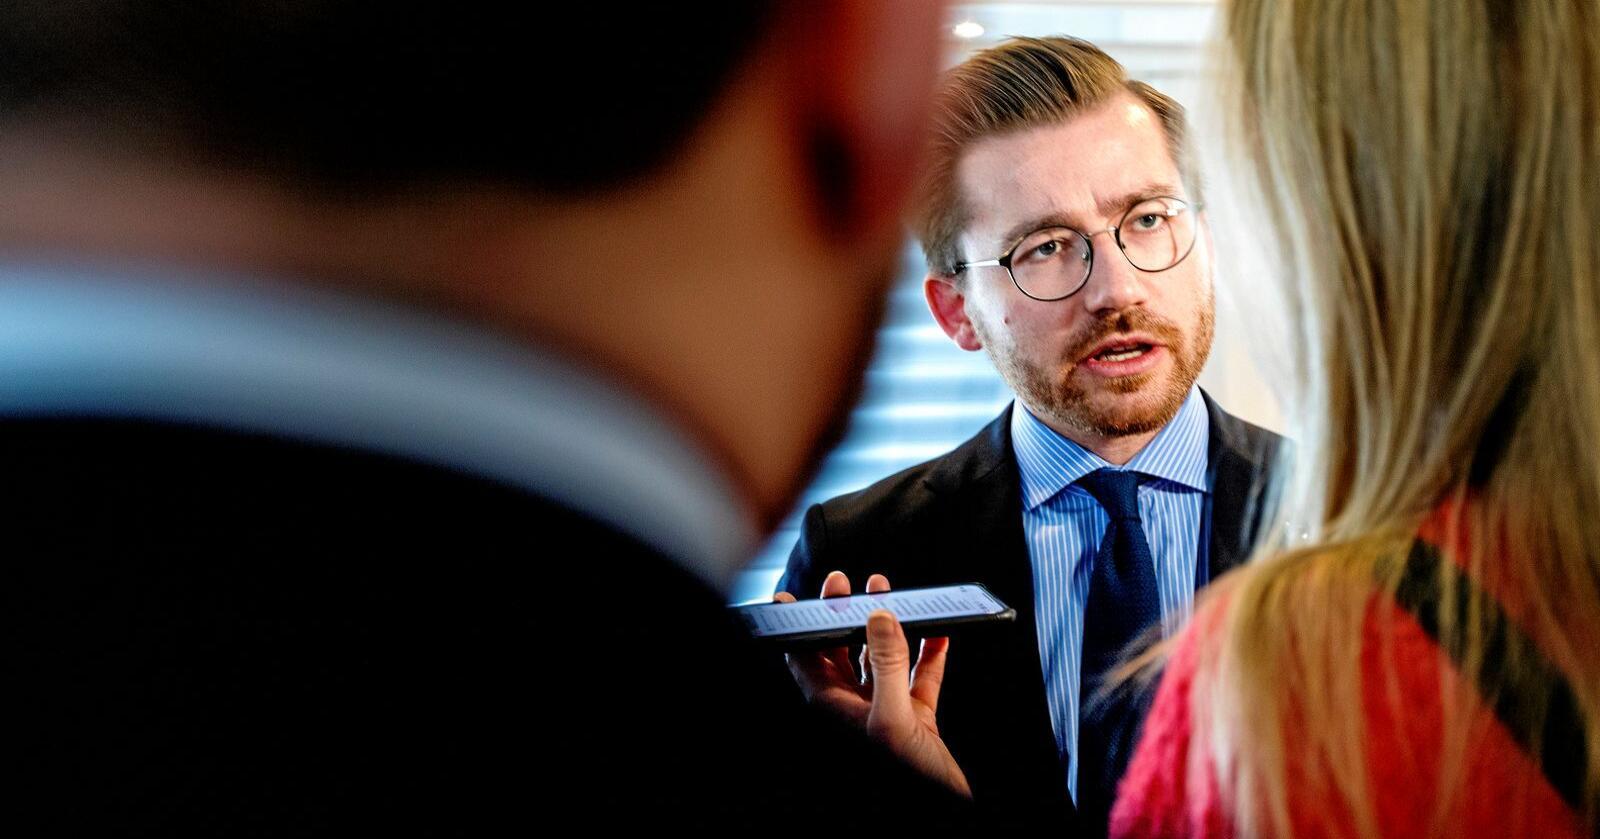 I skvis: Stortinget har gjort motstridende ulvevedtak. Når Sveinung Rotevatn prøver å følge begge, får han kjeft. Foto: Gorm Kallestad / NTB scanpix